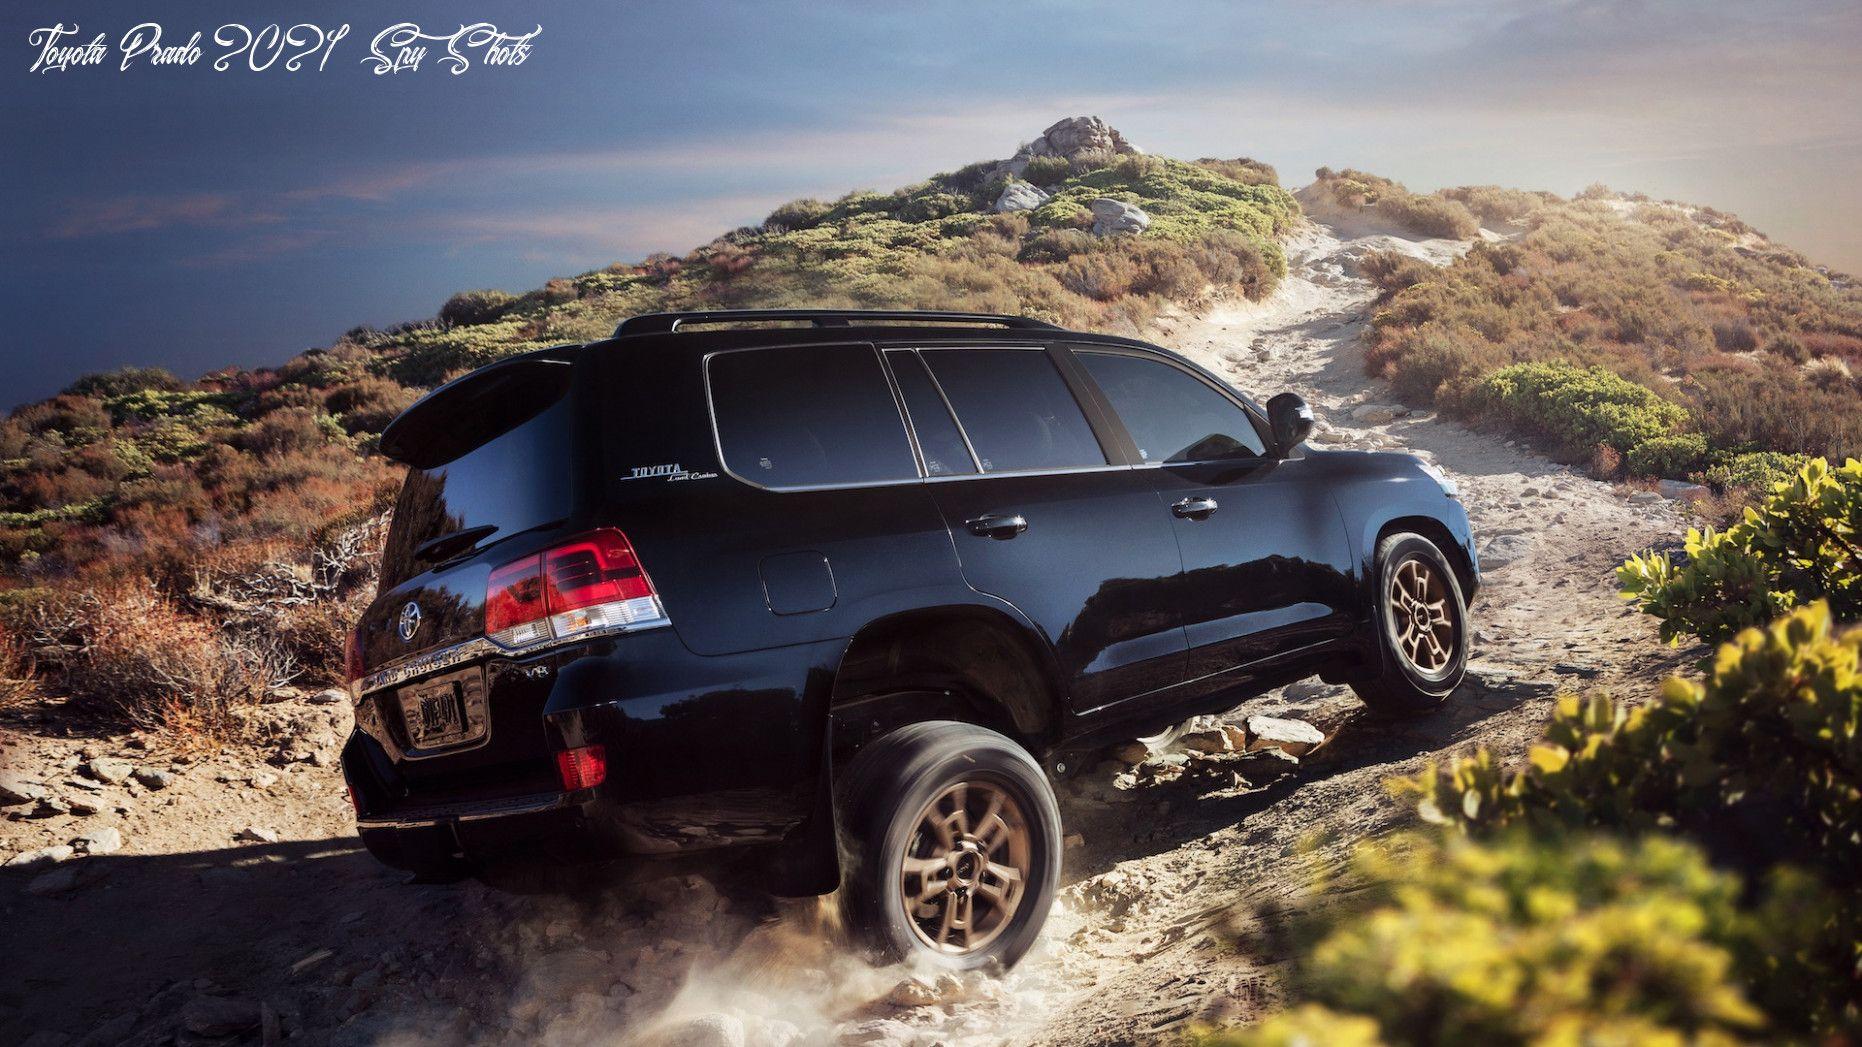 Toyota Prado 2021 Spy Shots Model In 2020 Land Cruiser Toyota Land Cruiser New Toyota Land Cruiser